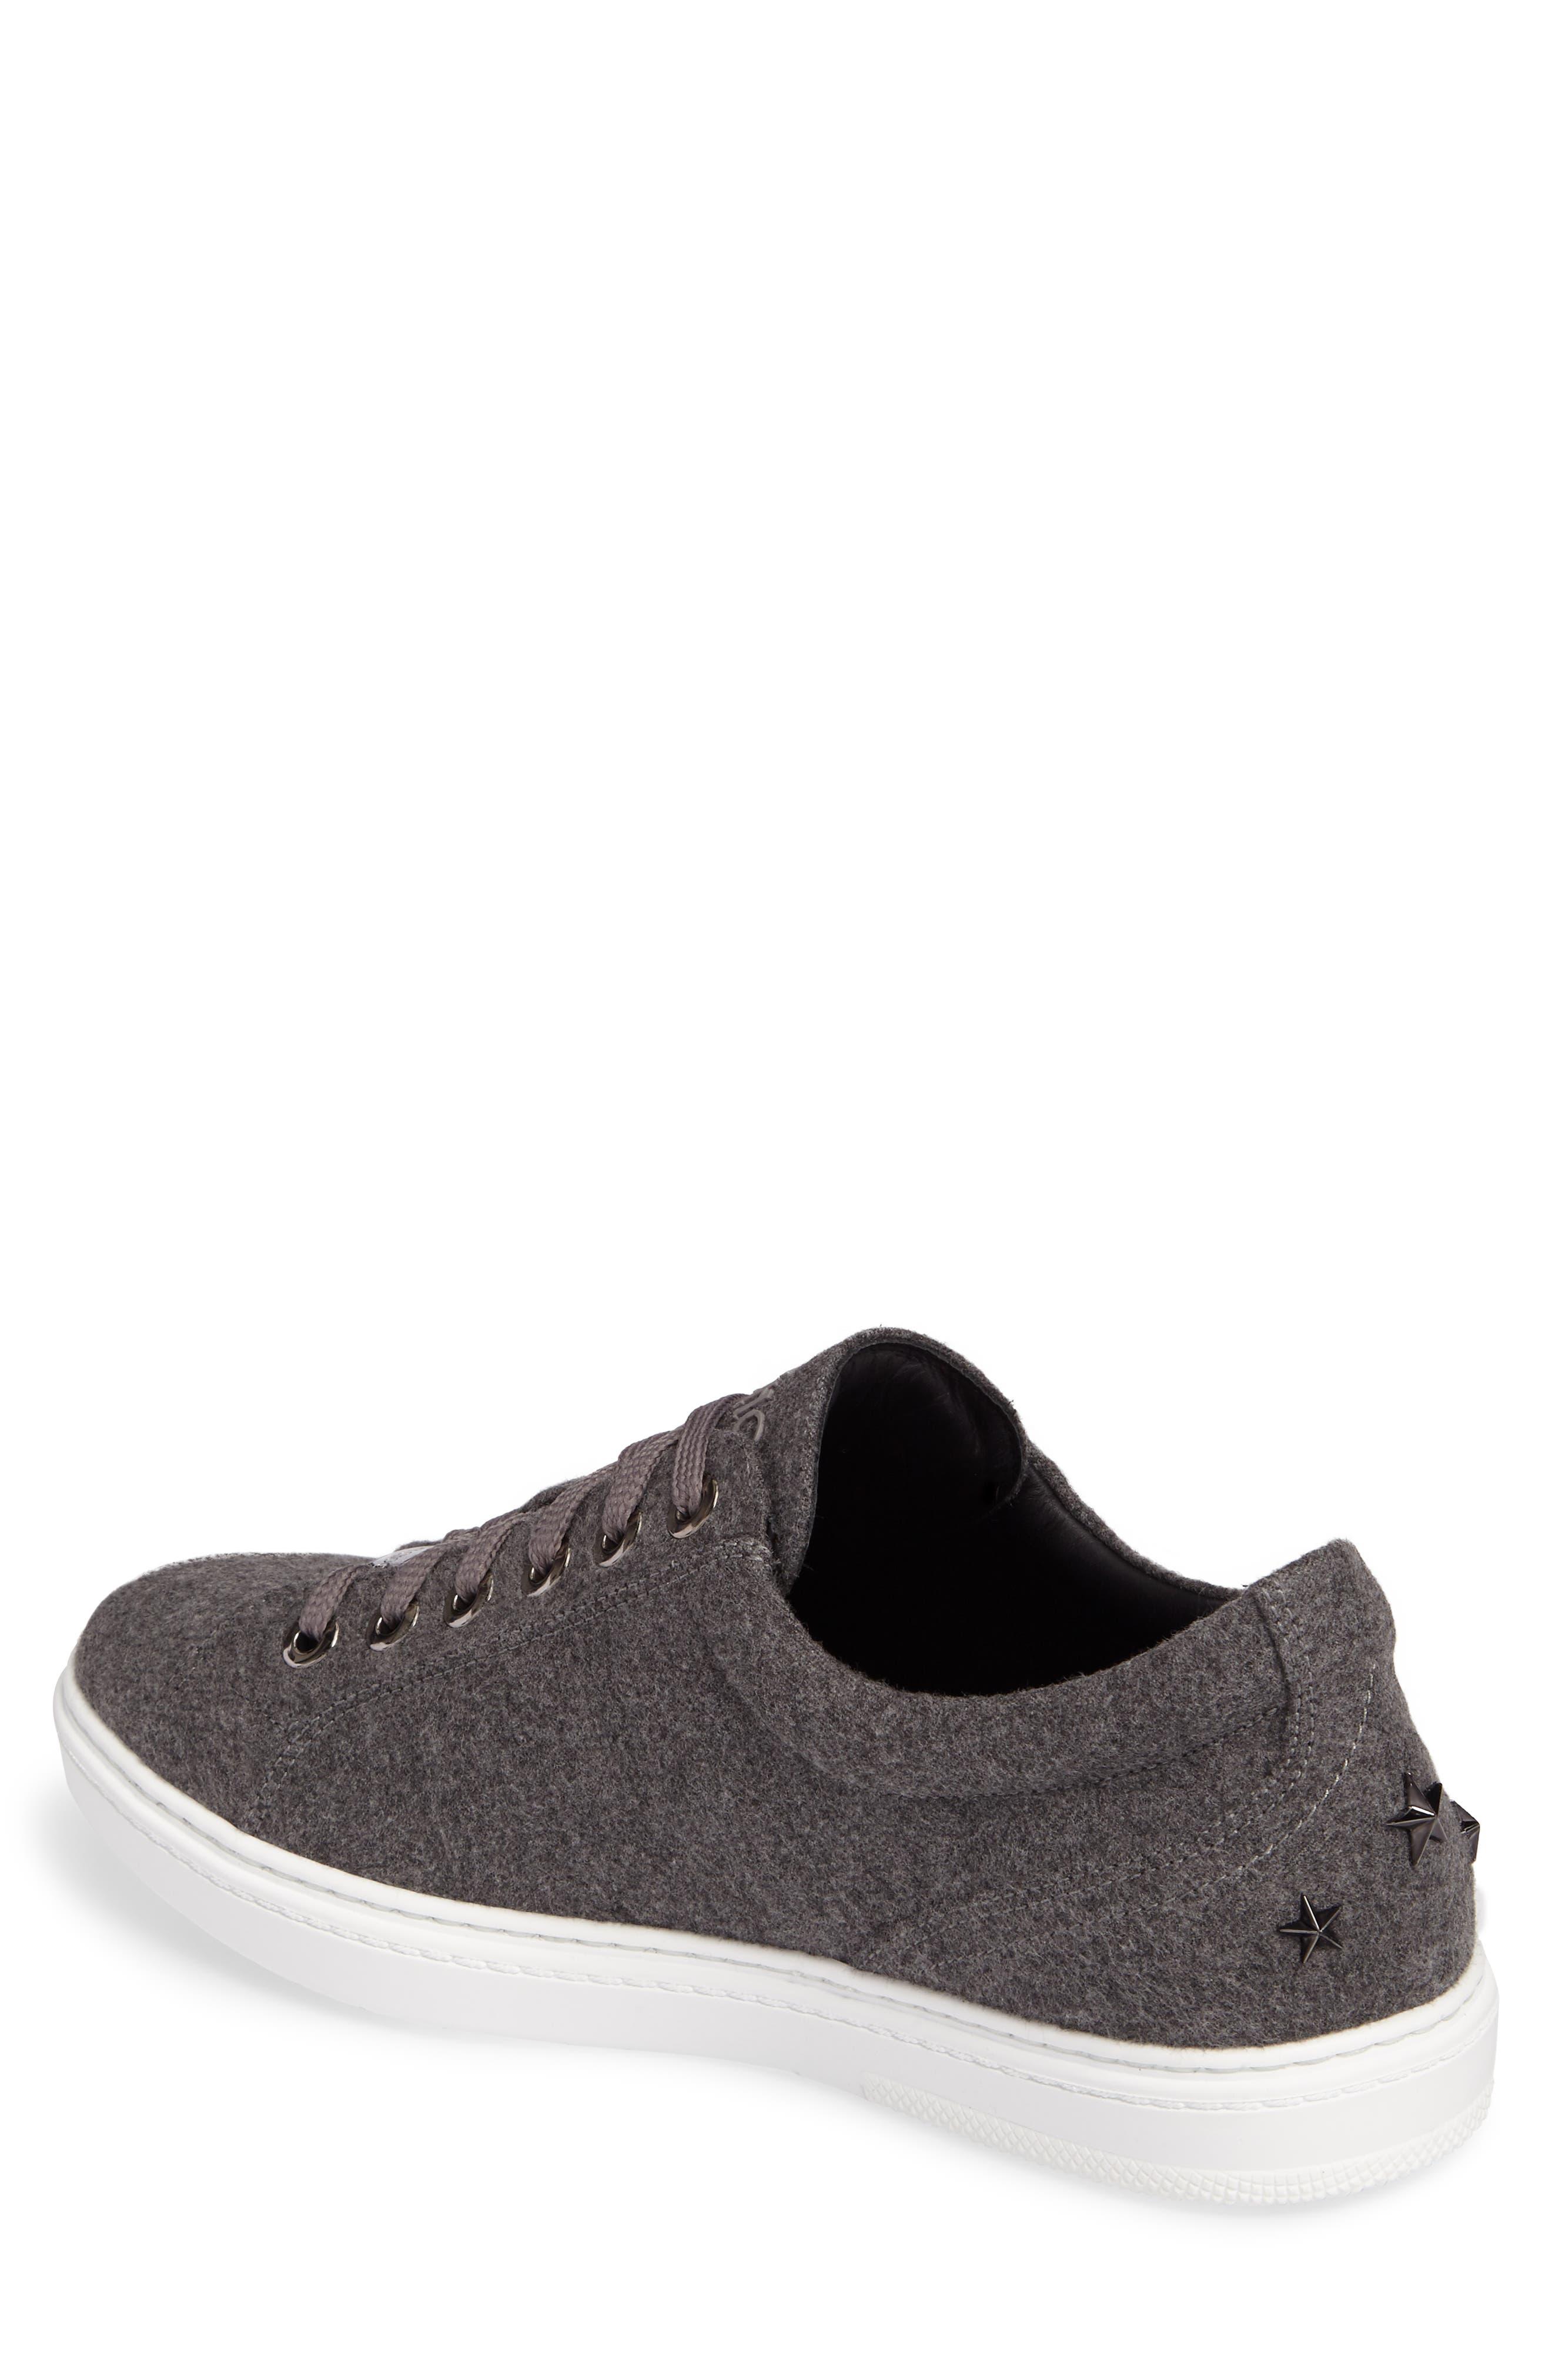 Low Top Sneaker,                             Alternate thumbnail 2, color,                             030